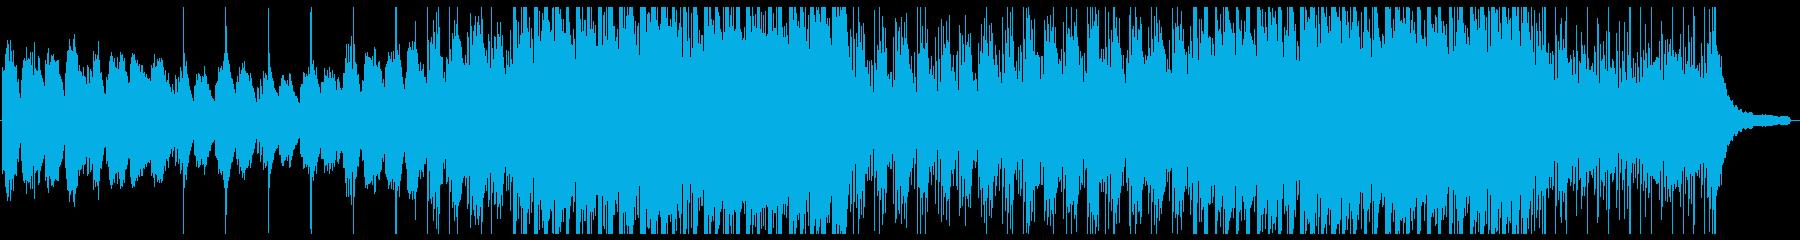 篳篥、笙、琴の和風バラードの再生済みの波形